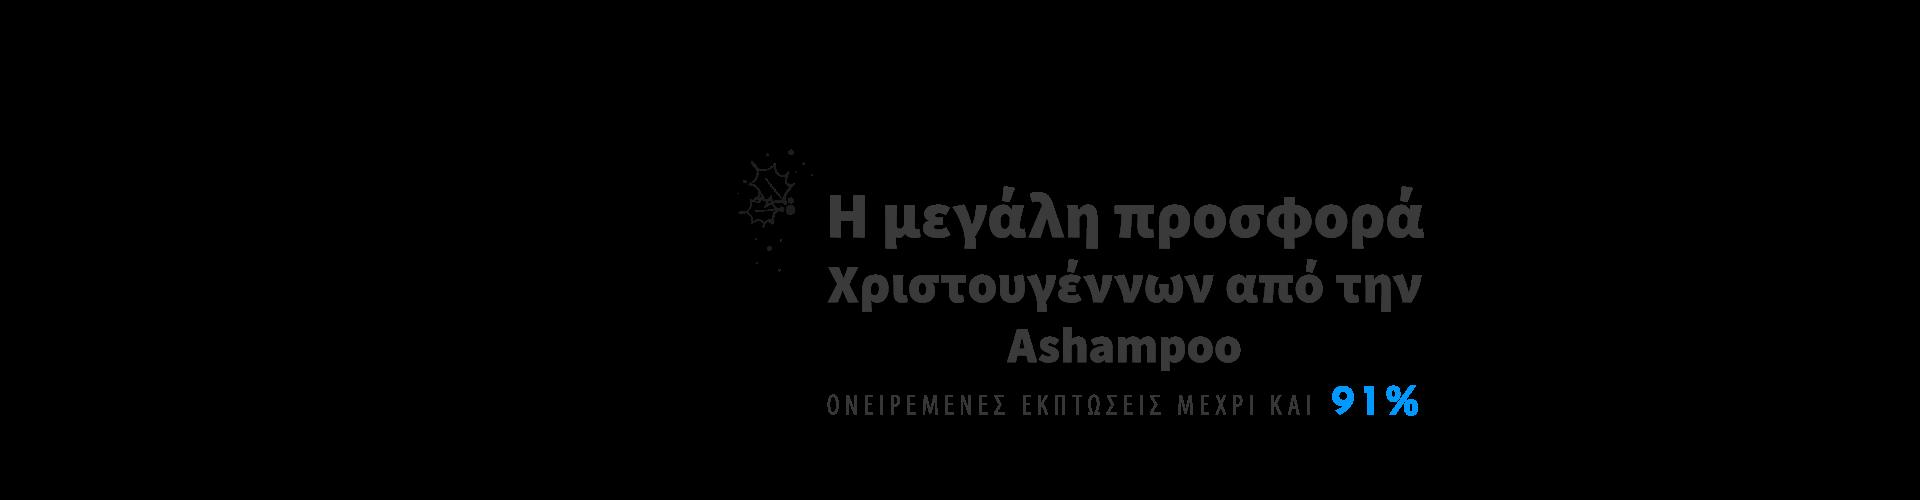 19 χρόνια Ashampoo!